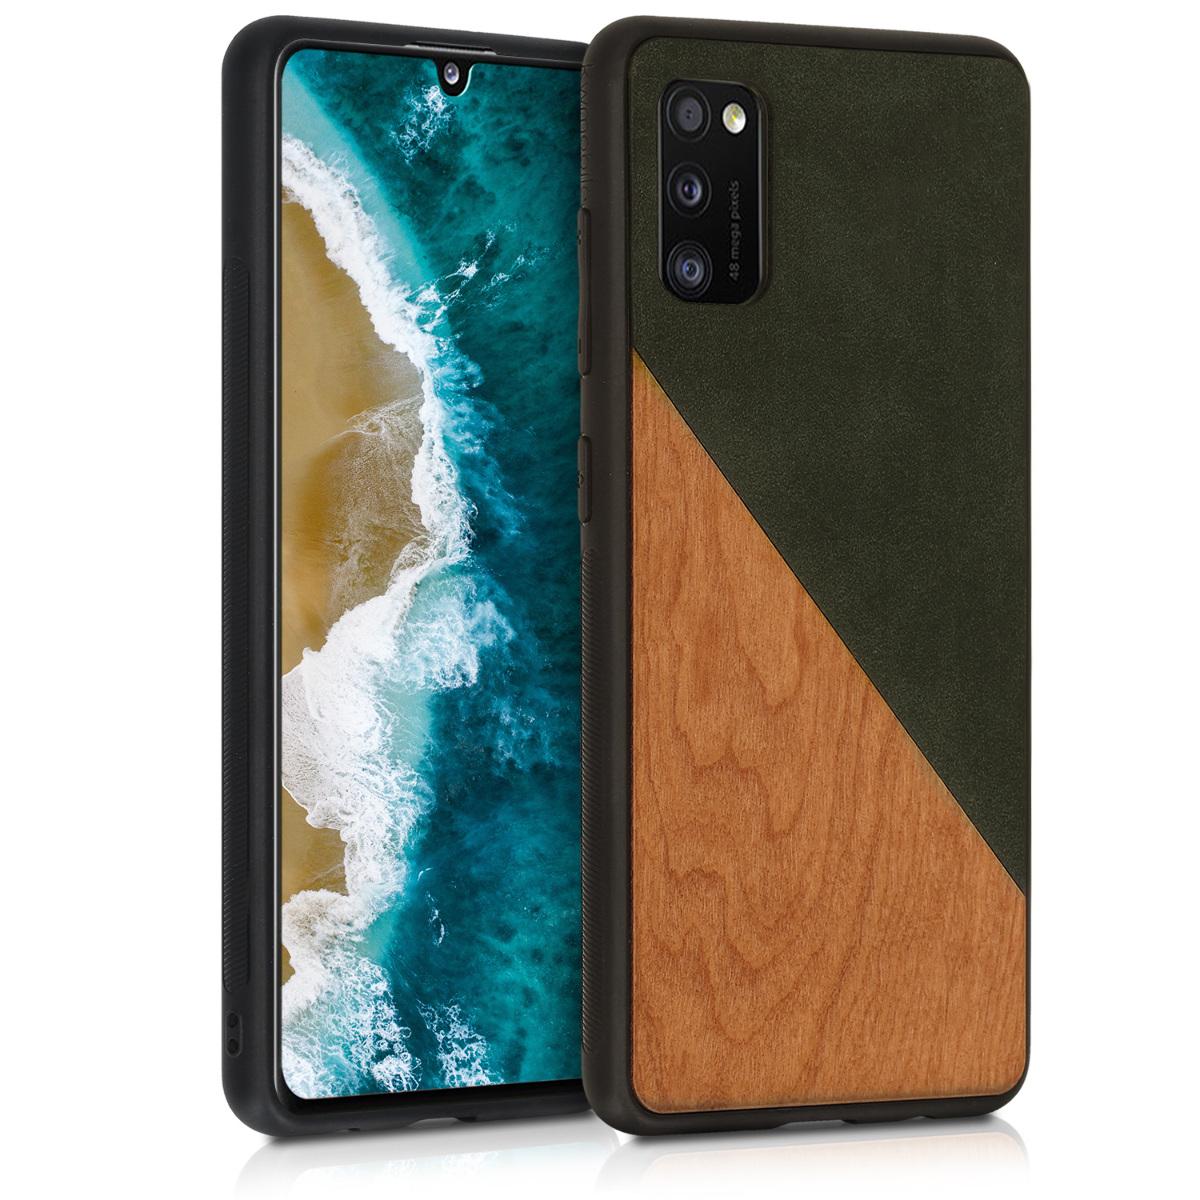 Dřevěné pouzdro pro Samsung A41 - Two-Tone Wood Dark Green / Brown